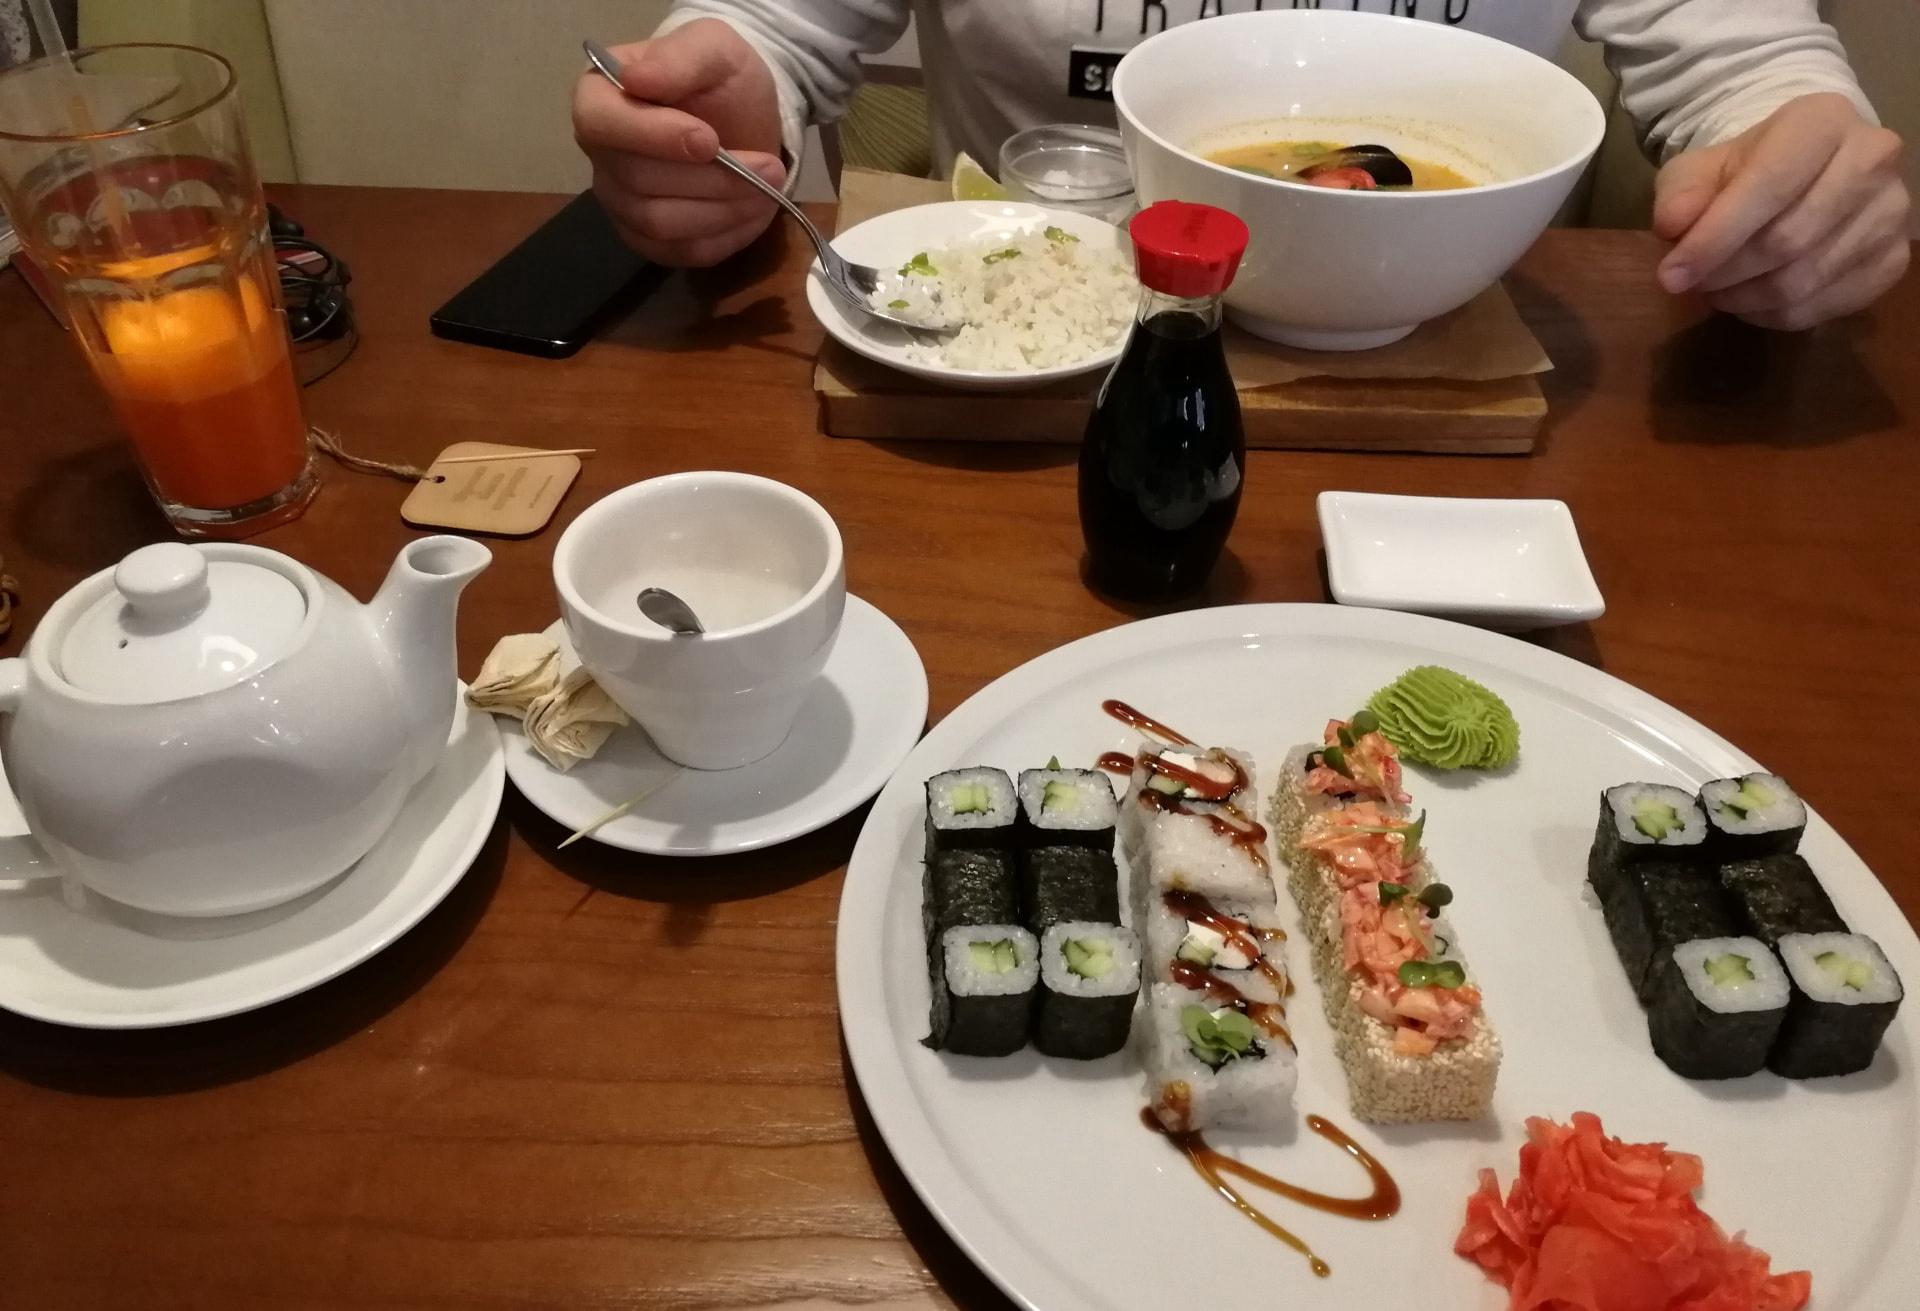 我和哥们在叶卡捷琳堡一家著名的俄餐厅吃寿司